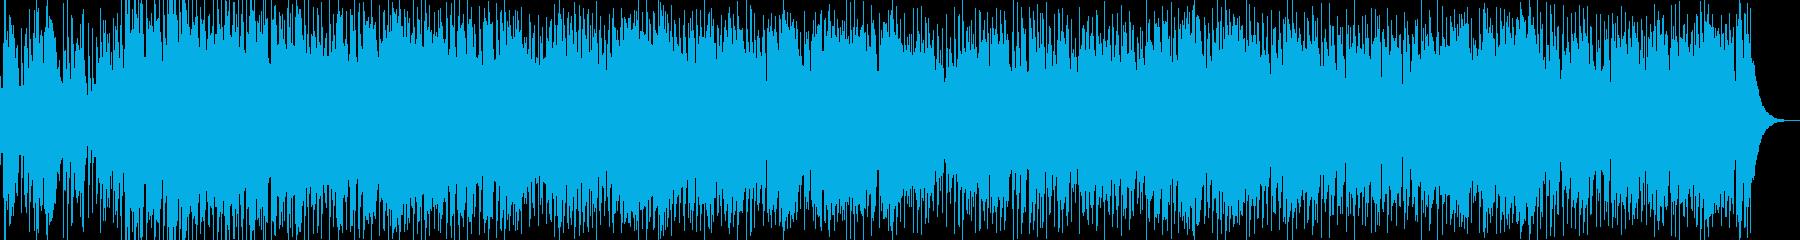 街角の音楽、奪われた自由、ブルースの再生済みの波形